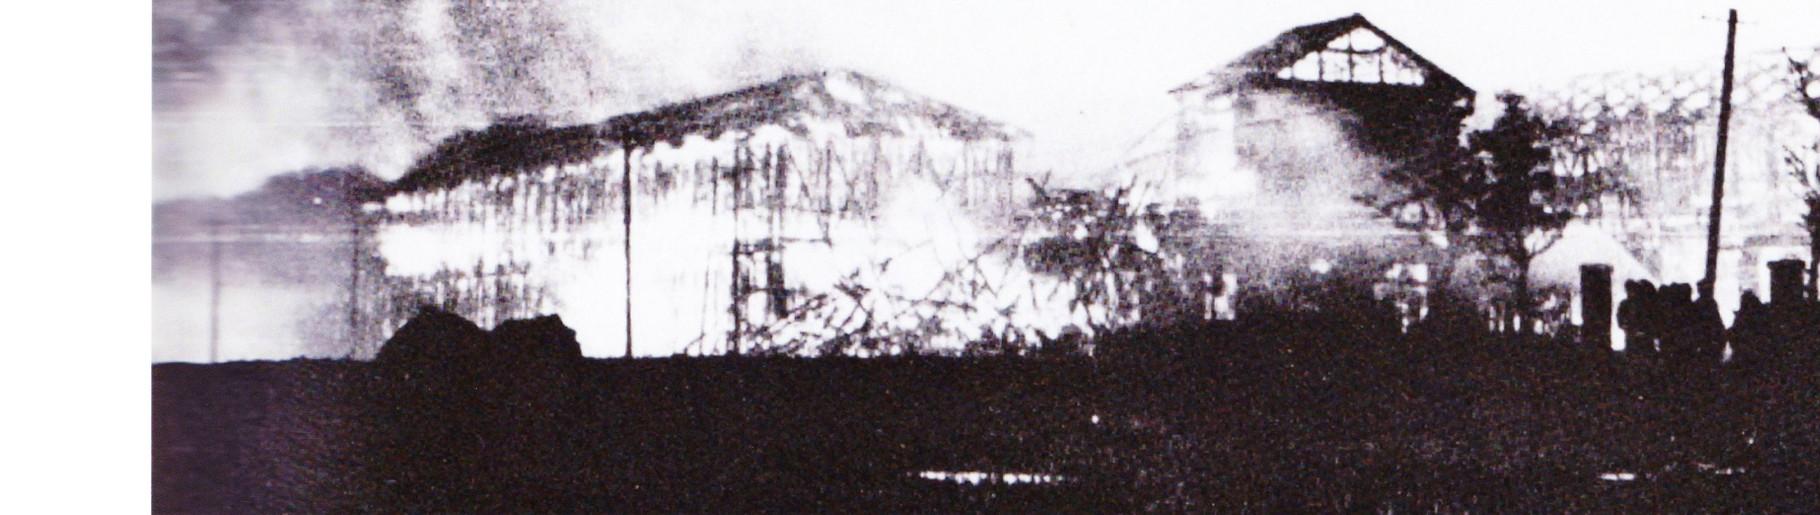 昭和28年4月24日 午前6時半割烹室より出火。7時50分までの間に本館その他を焼失しました。